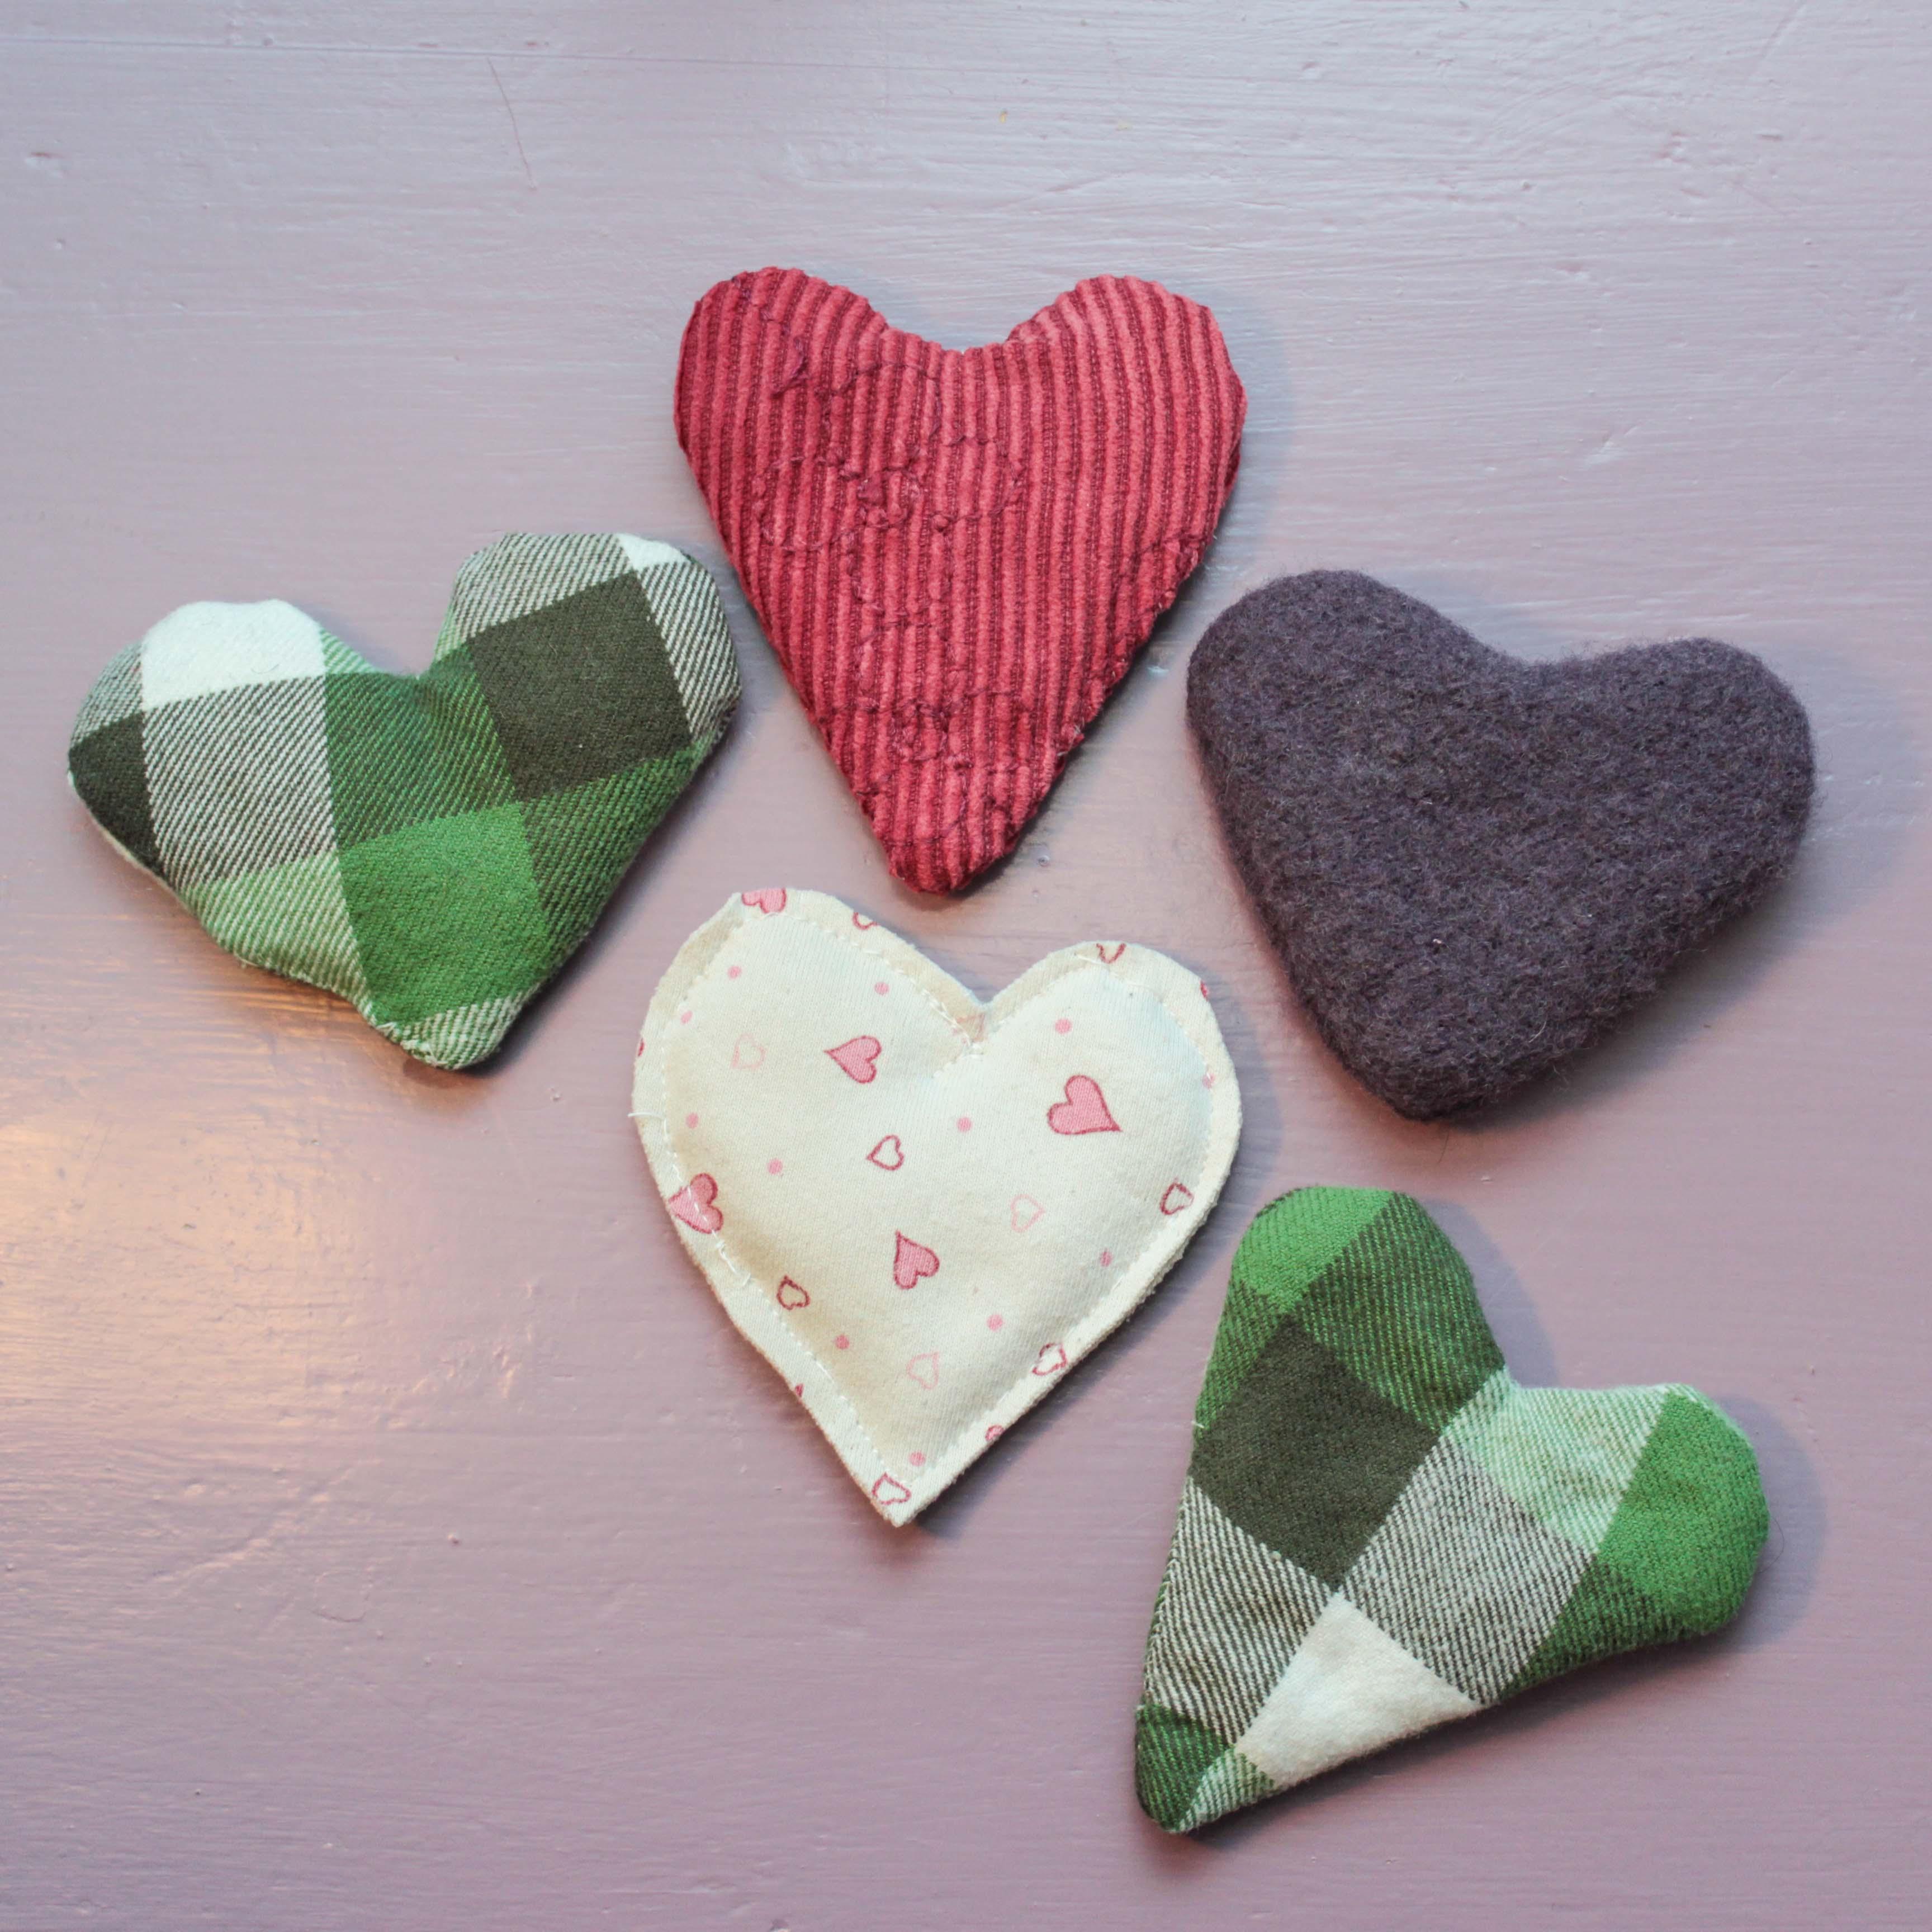 Hjärtformade värmekuddar av återvunnet tyg i ull, manchester, bomull och flanell.